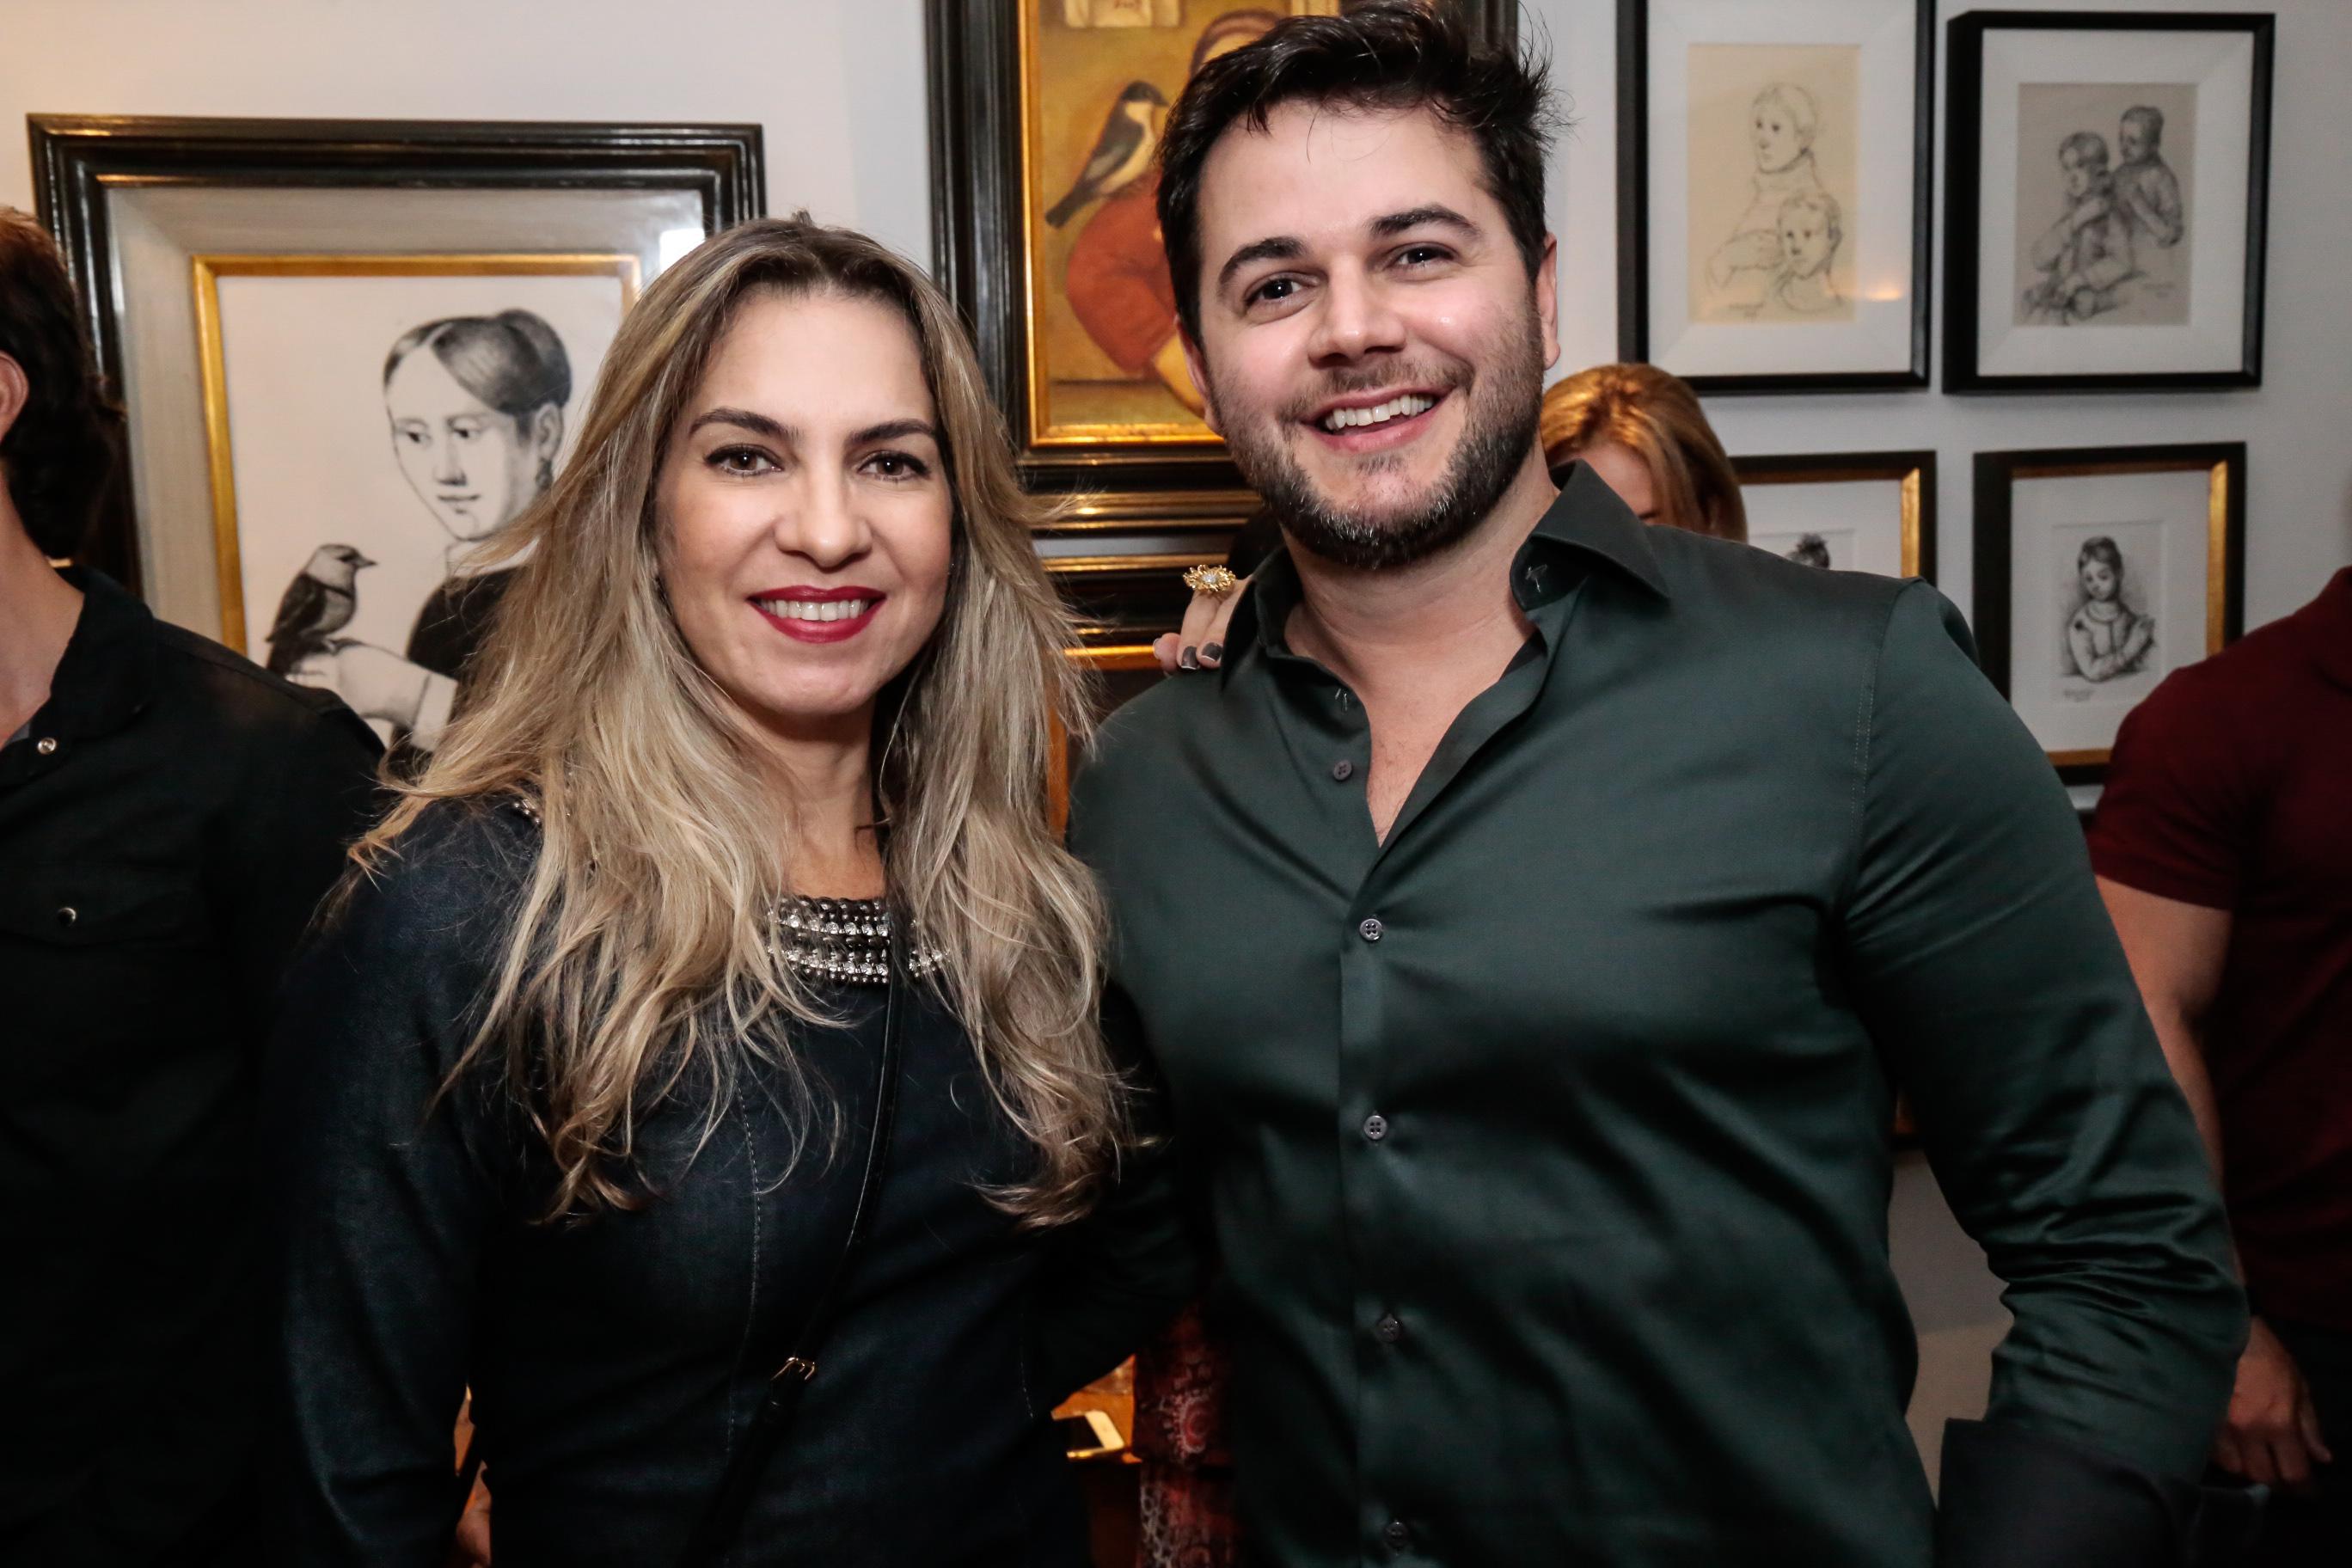 Taciana Carulla e Heracliton Diniz - Crédito: Gleyson Ramos/Divulgação